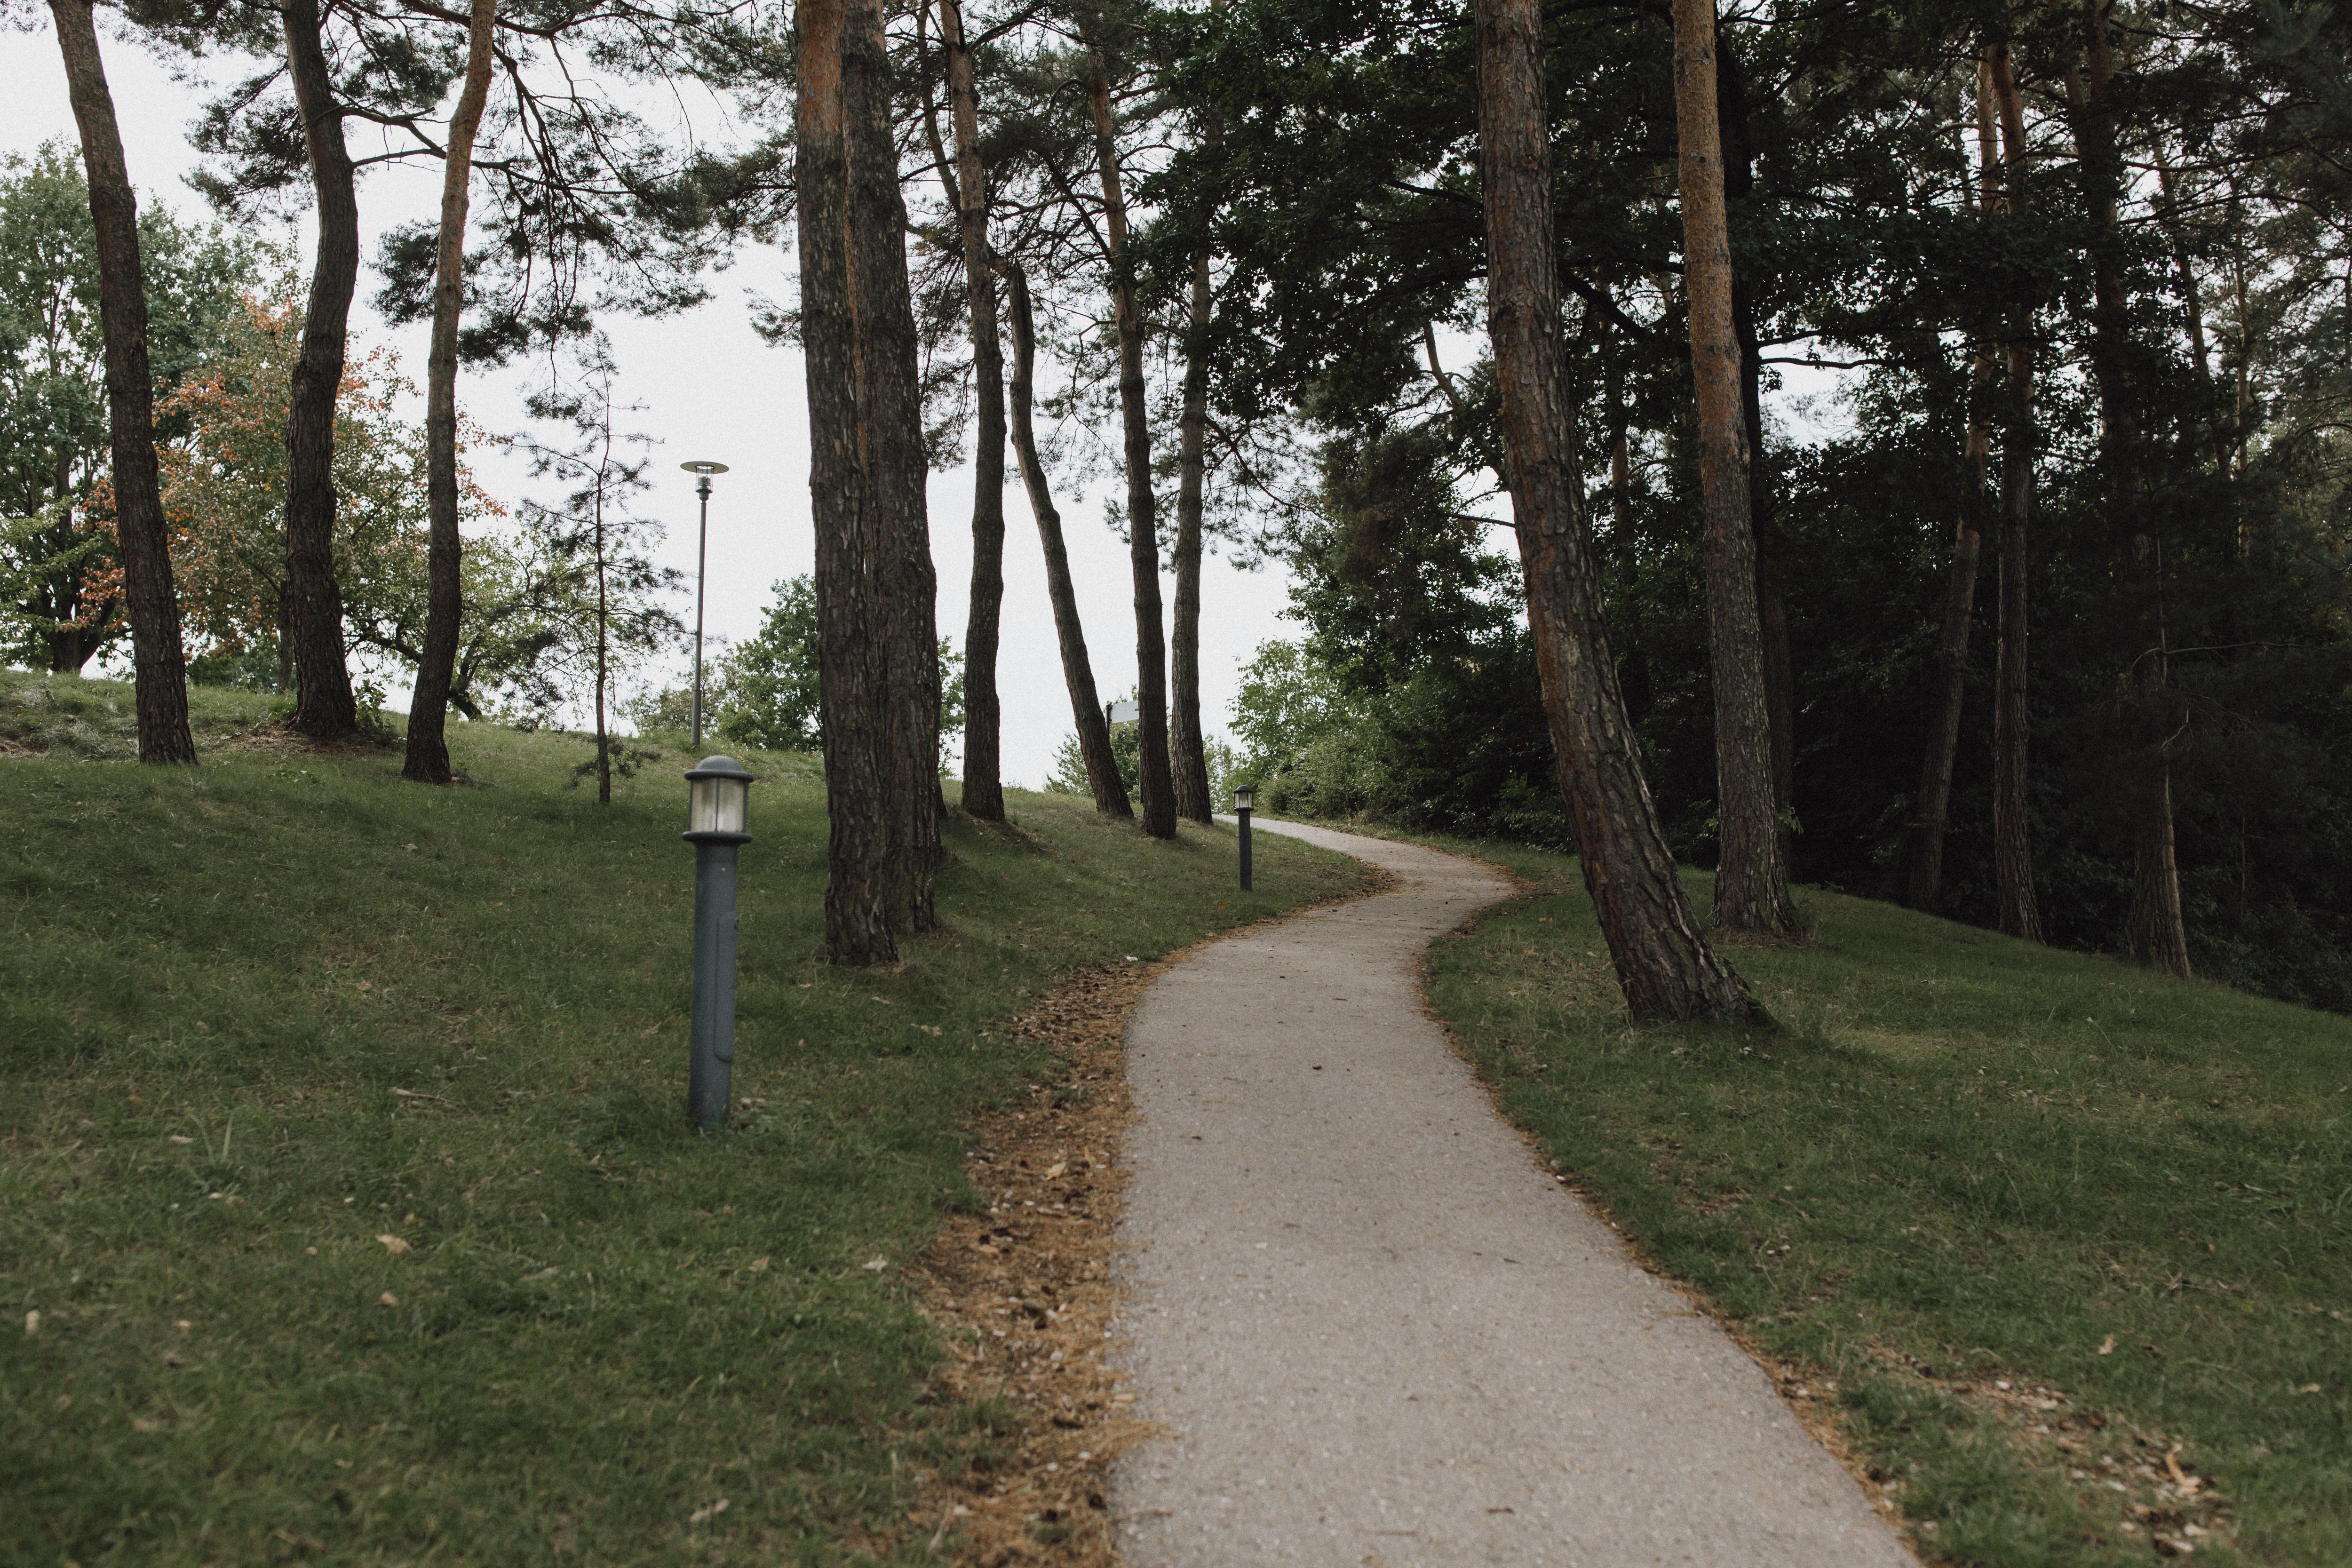 URBANERIE_Daniela_Goth_Fotografin_Nürnberg_Fürth_Erlangen_Schwabach_170902_003_0037